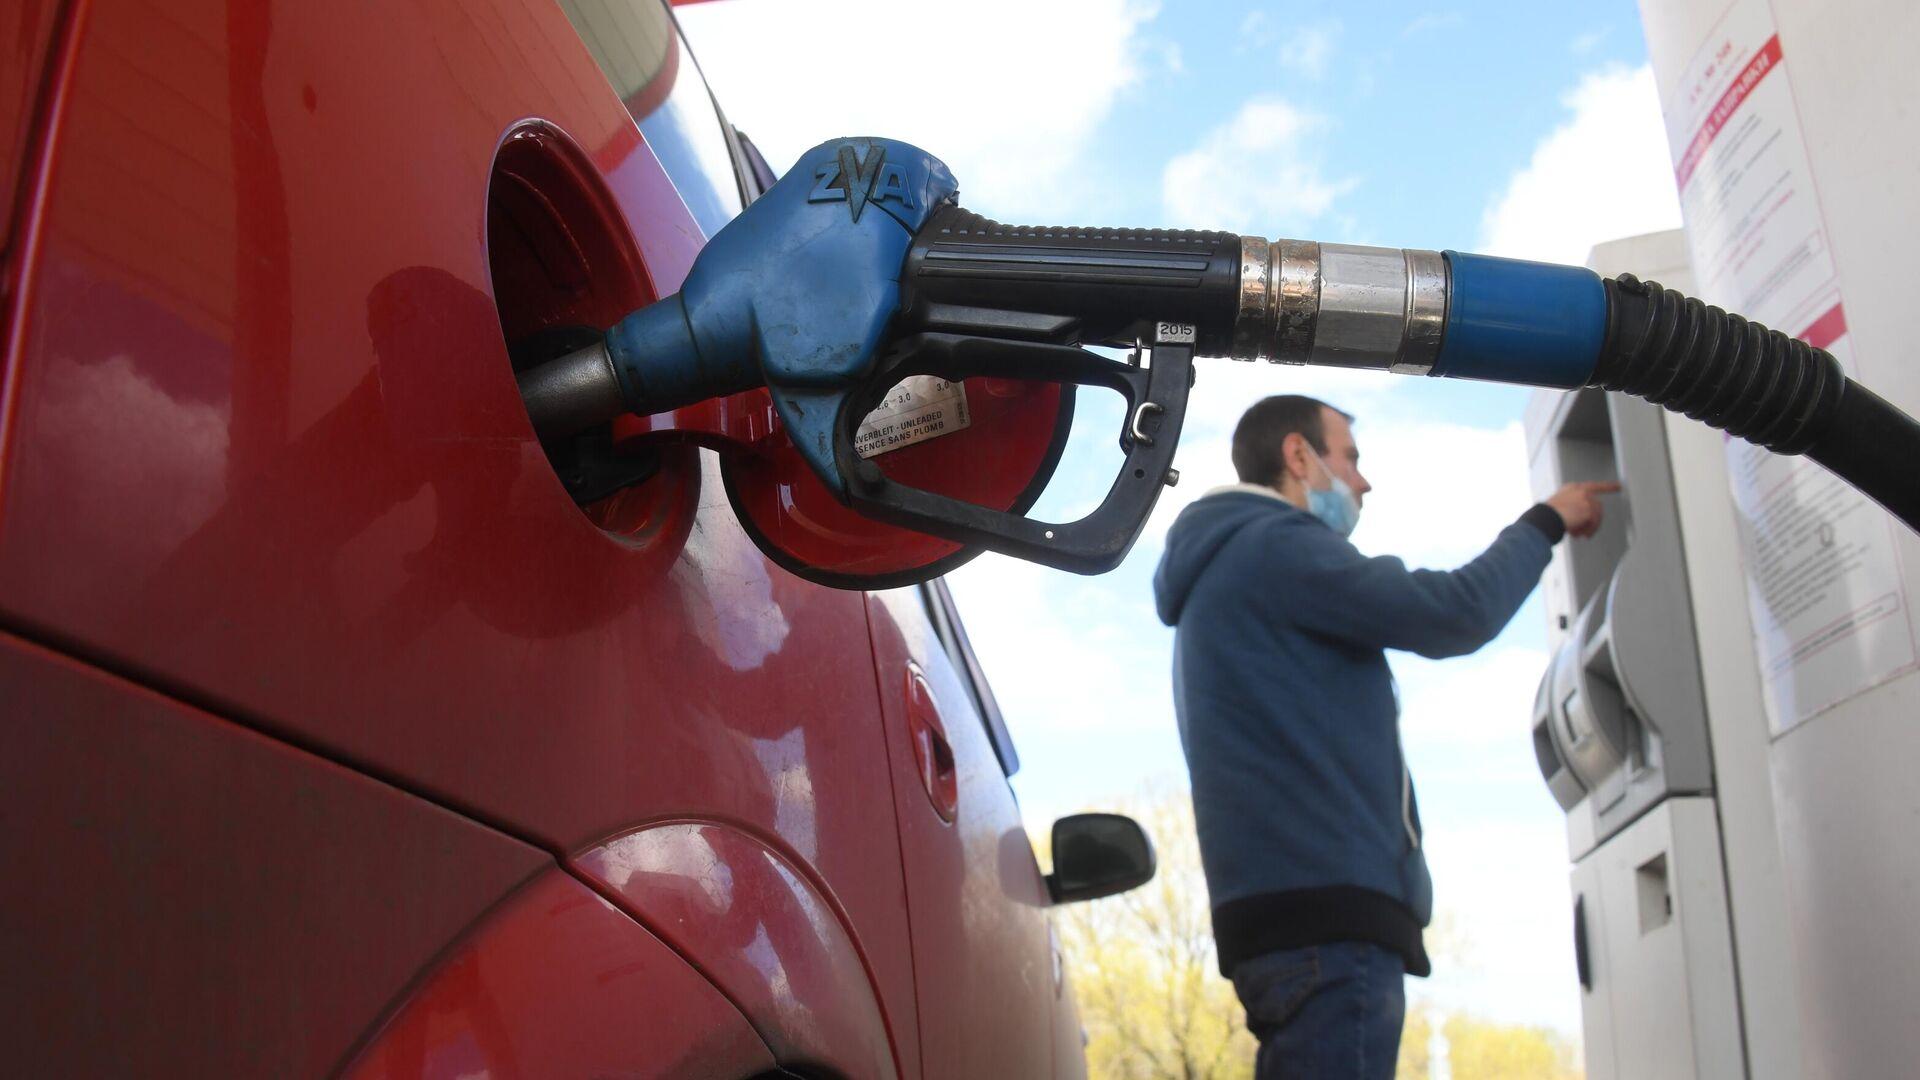 Мужчина оплачивает автомобильное топливо на одной из АЗС в Москве - РИА Новости, 1920, 11.01.2021